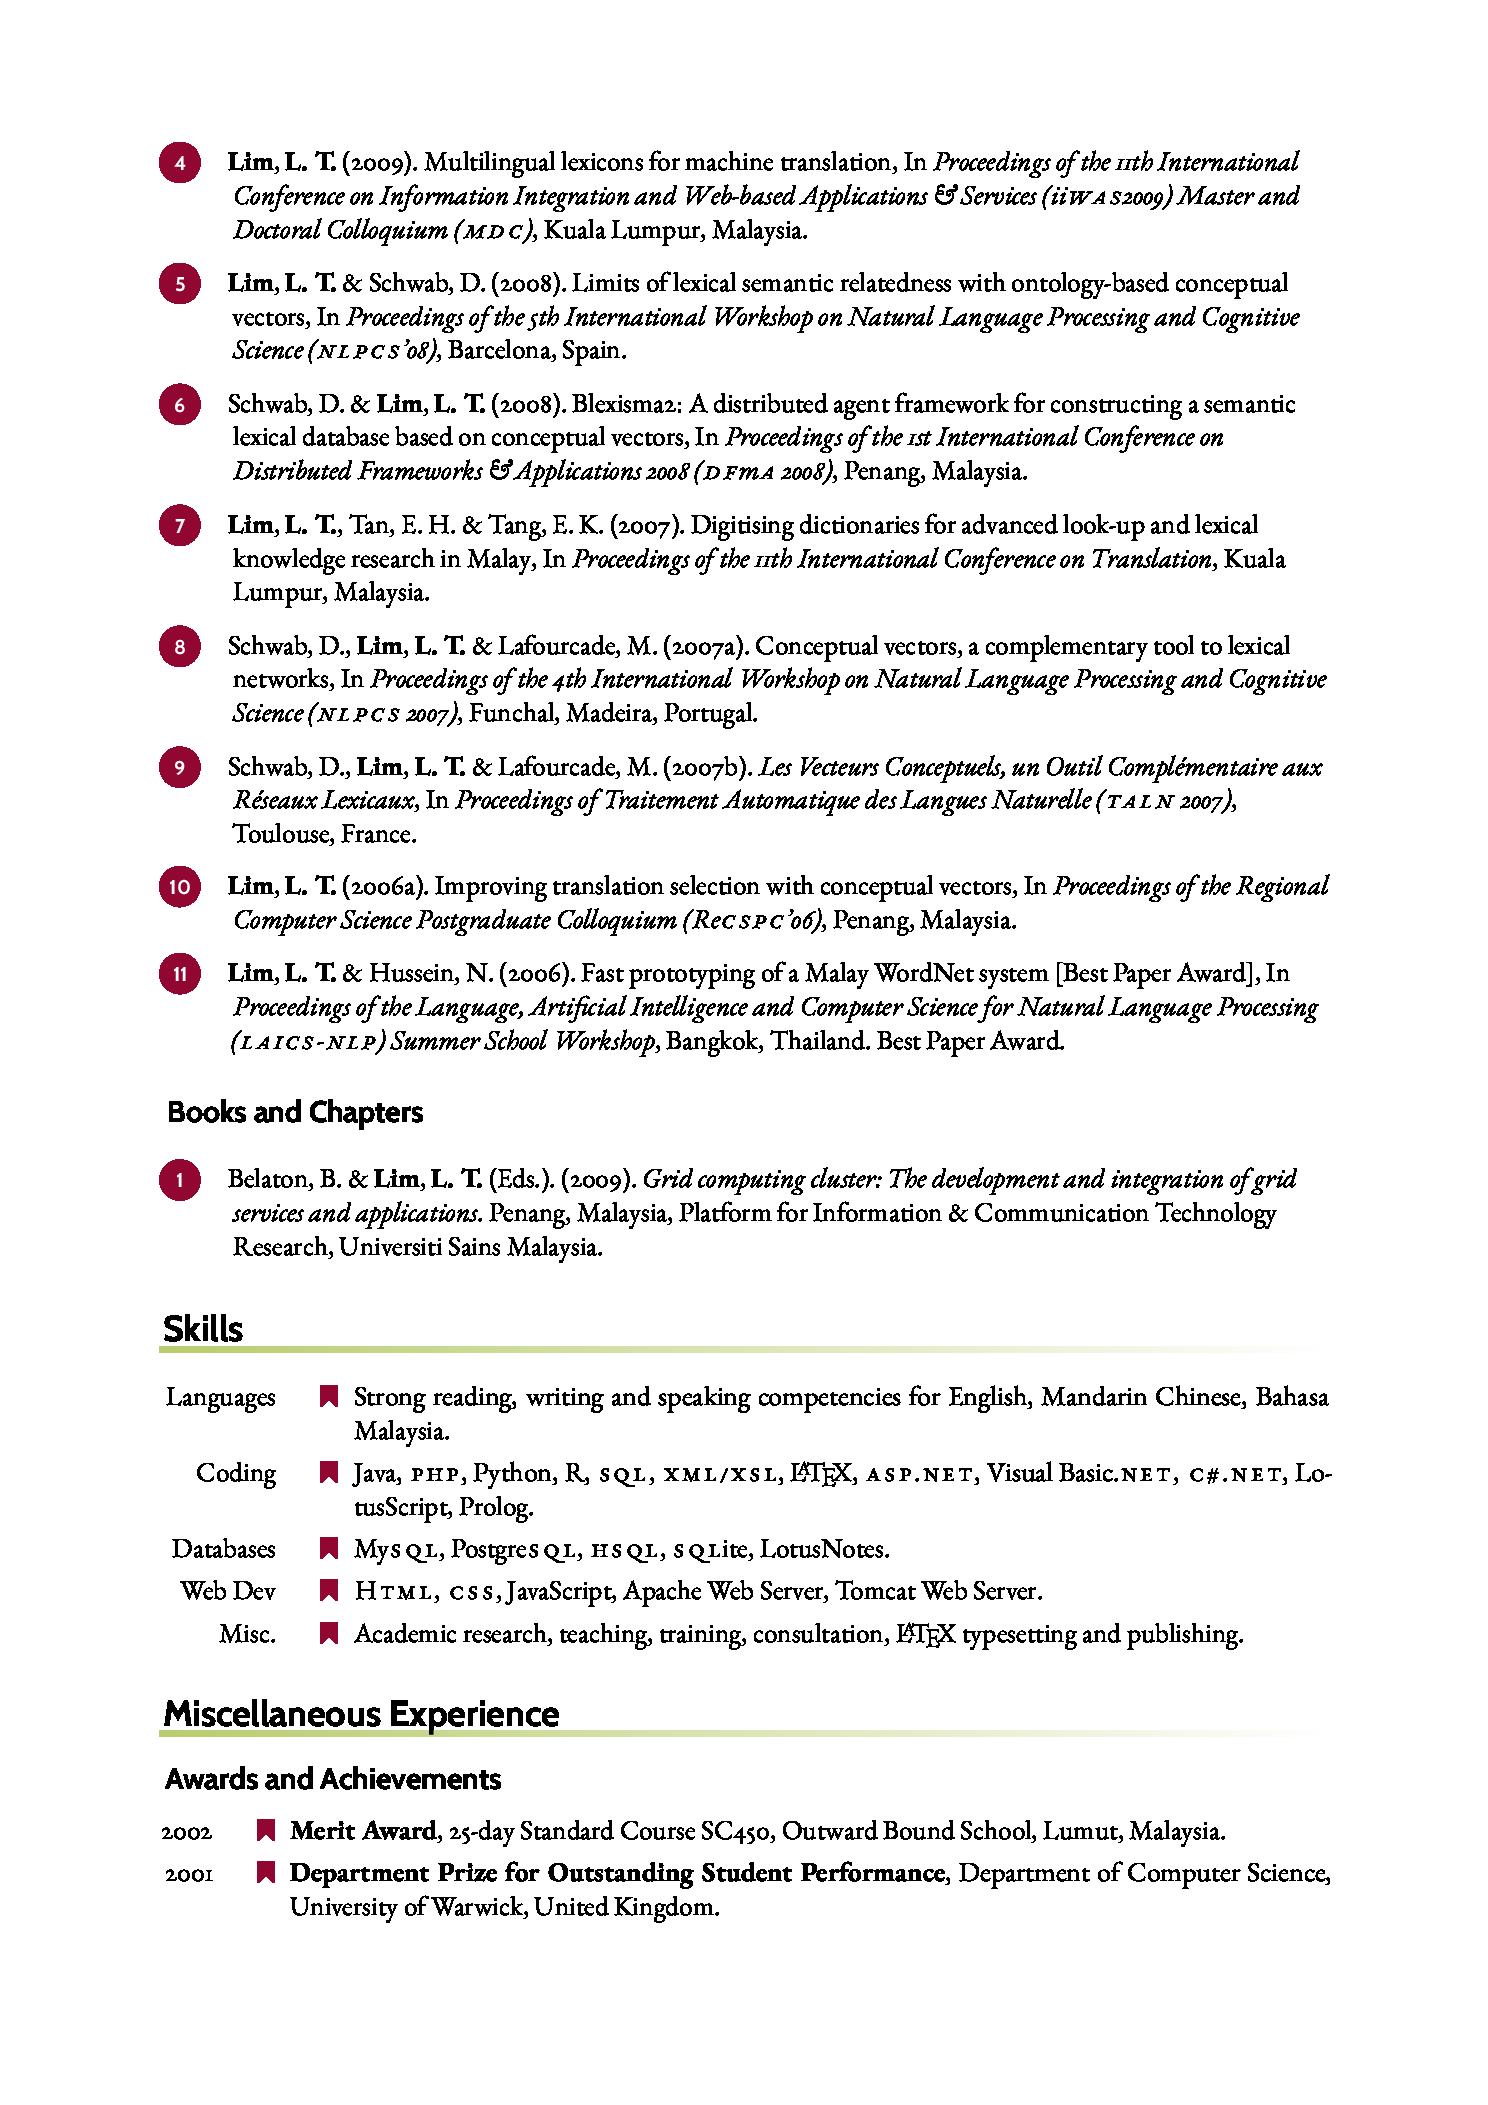 一个从 CurVe 定制而来的简历样式 - 林莲枝